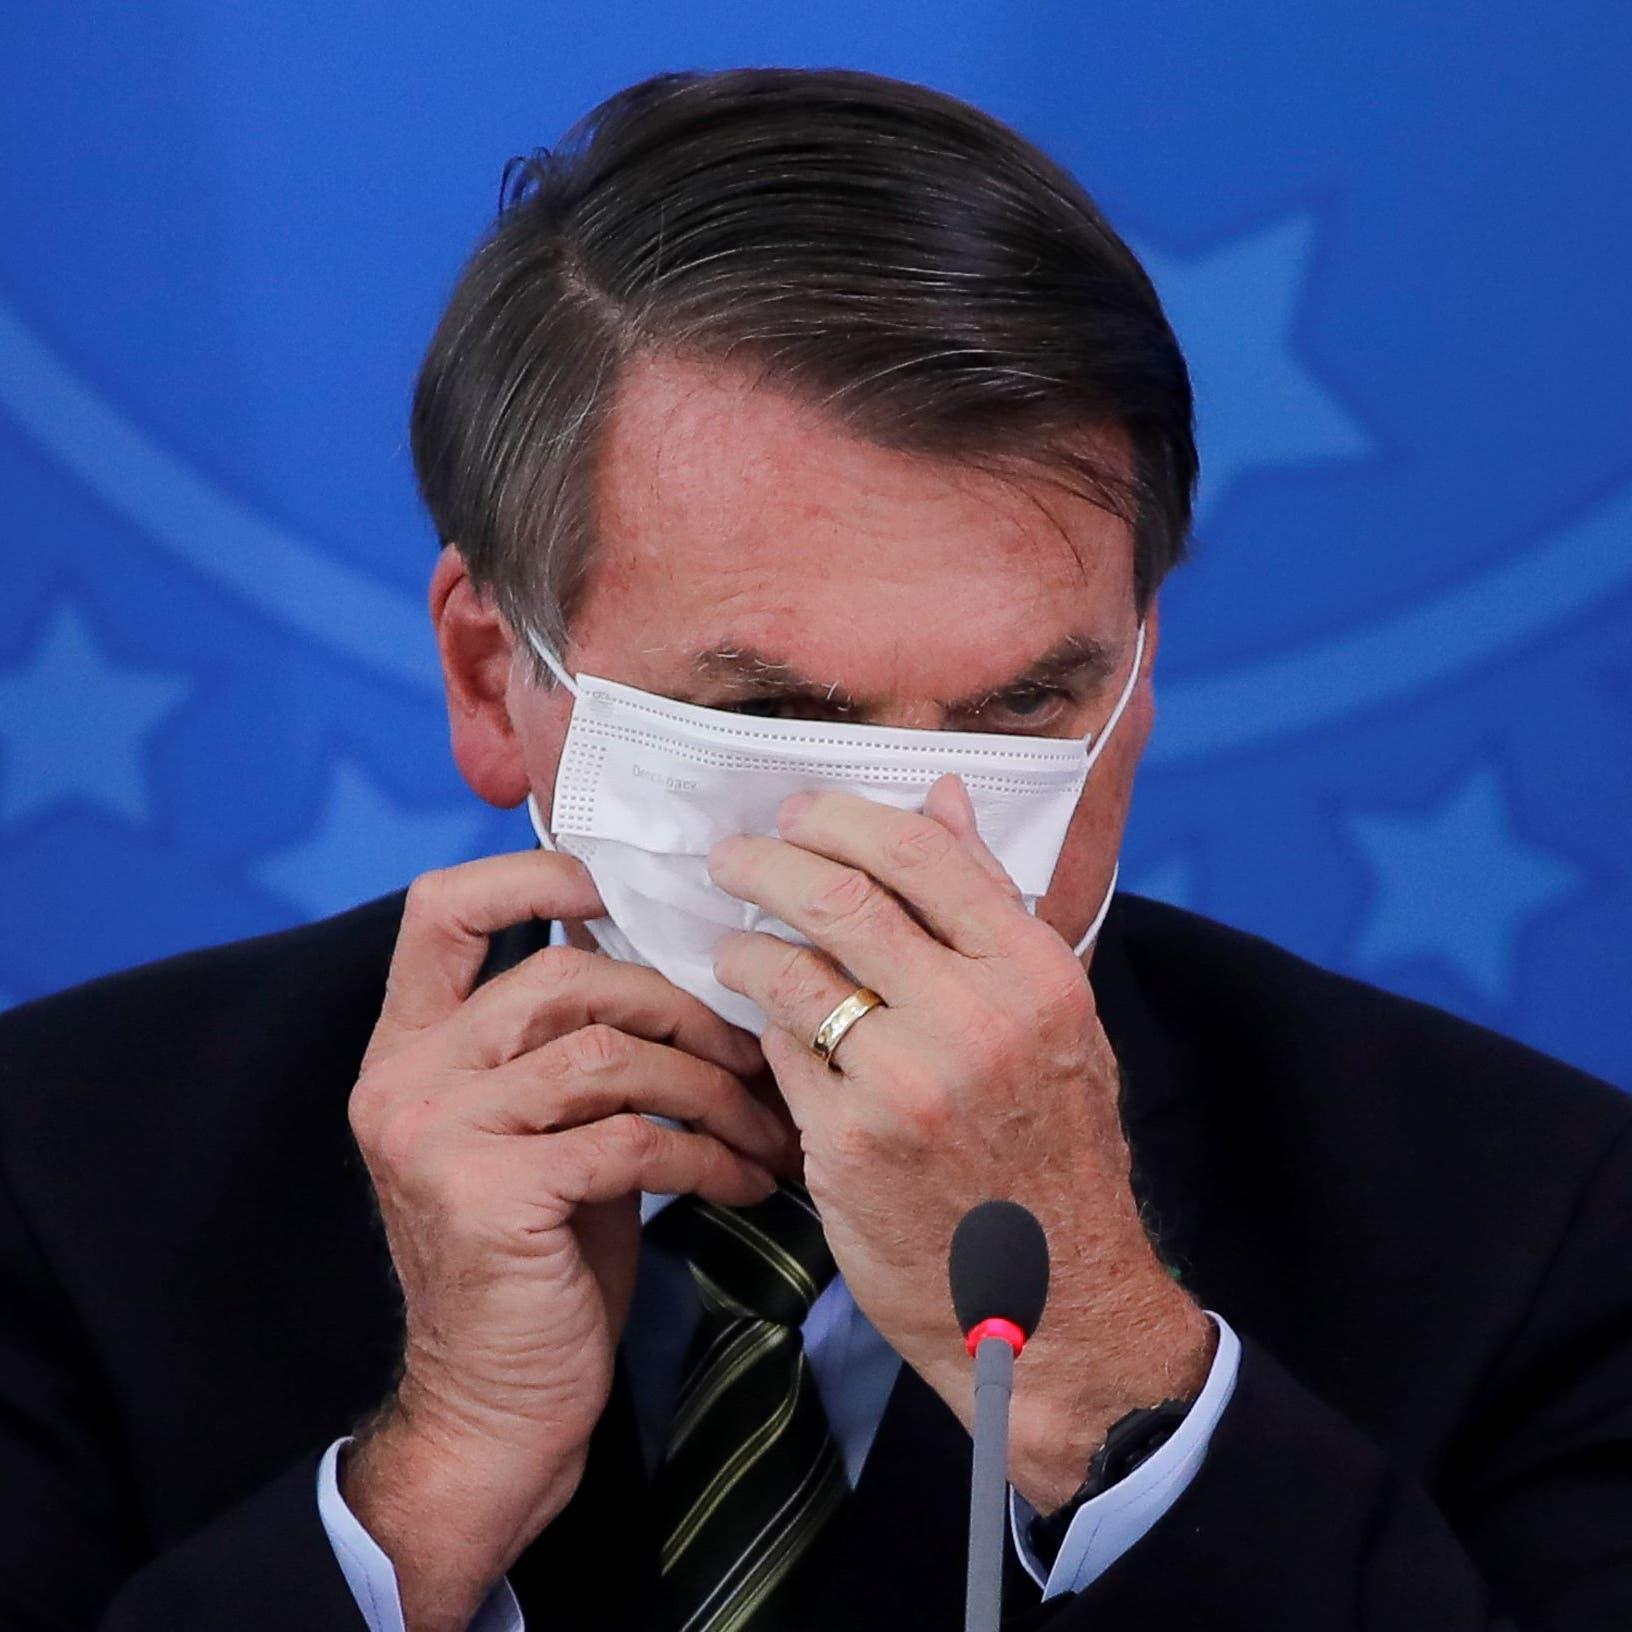 """رئيس البرازيل طلب منه أن """"يخرس"""".. فماذا سأله الصحافي؟"""